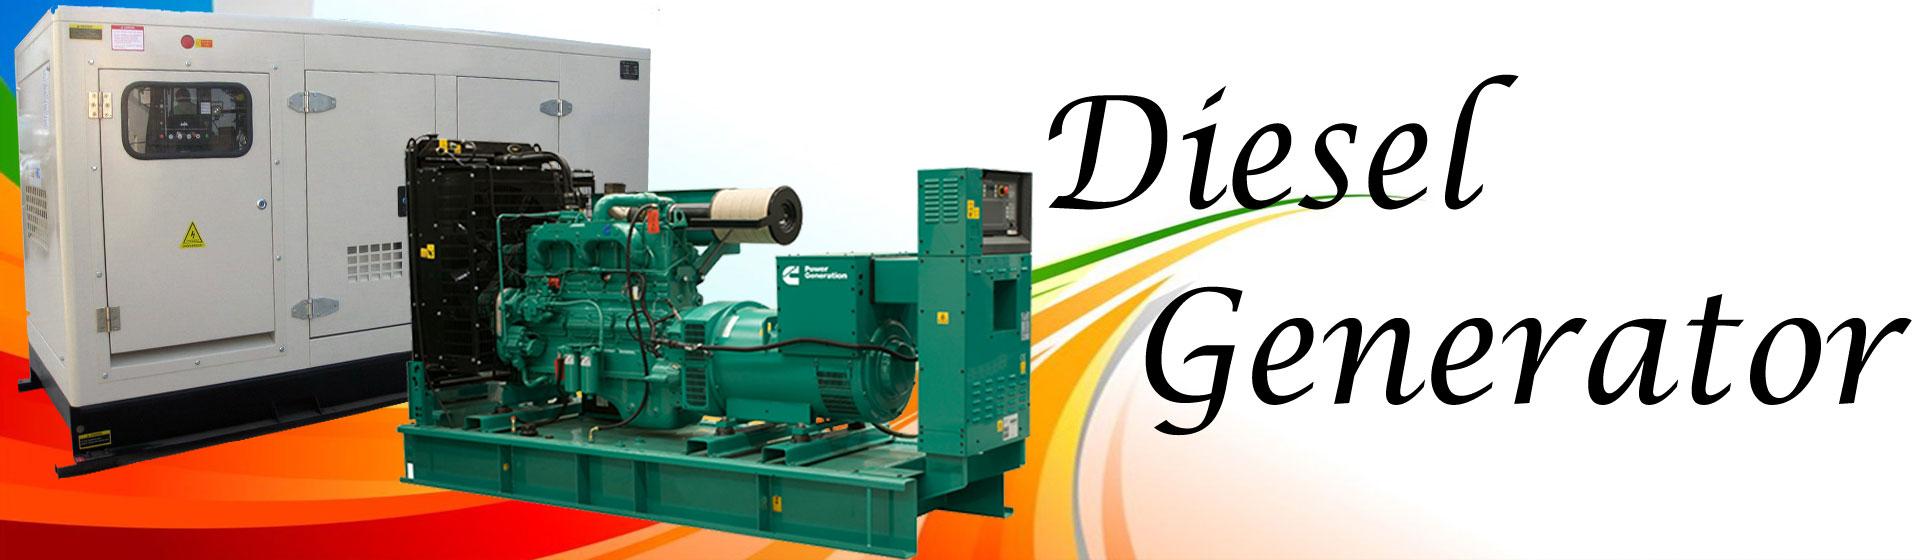 diesel-generator4